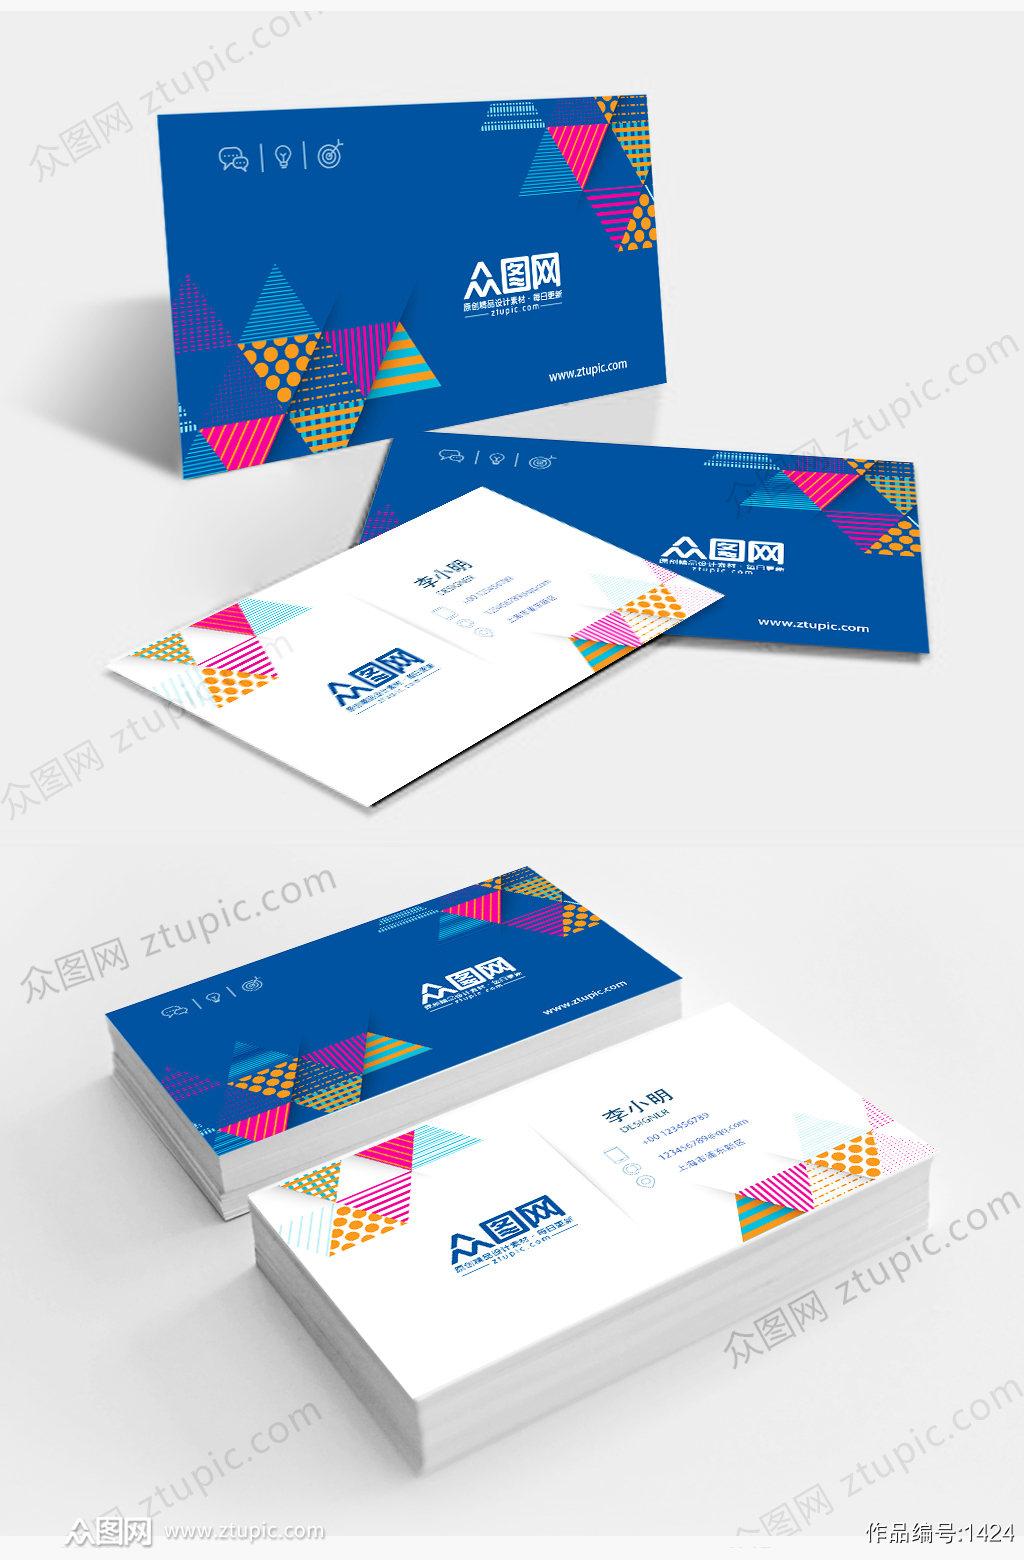 原创个人名片设计模板二维码企业公司卡片 名片背面素材